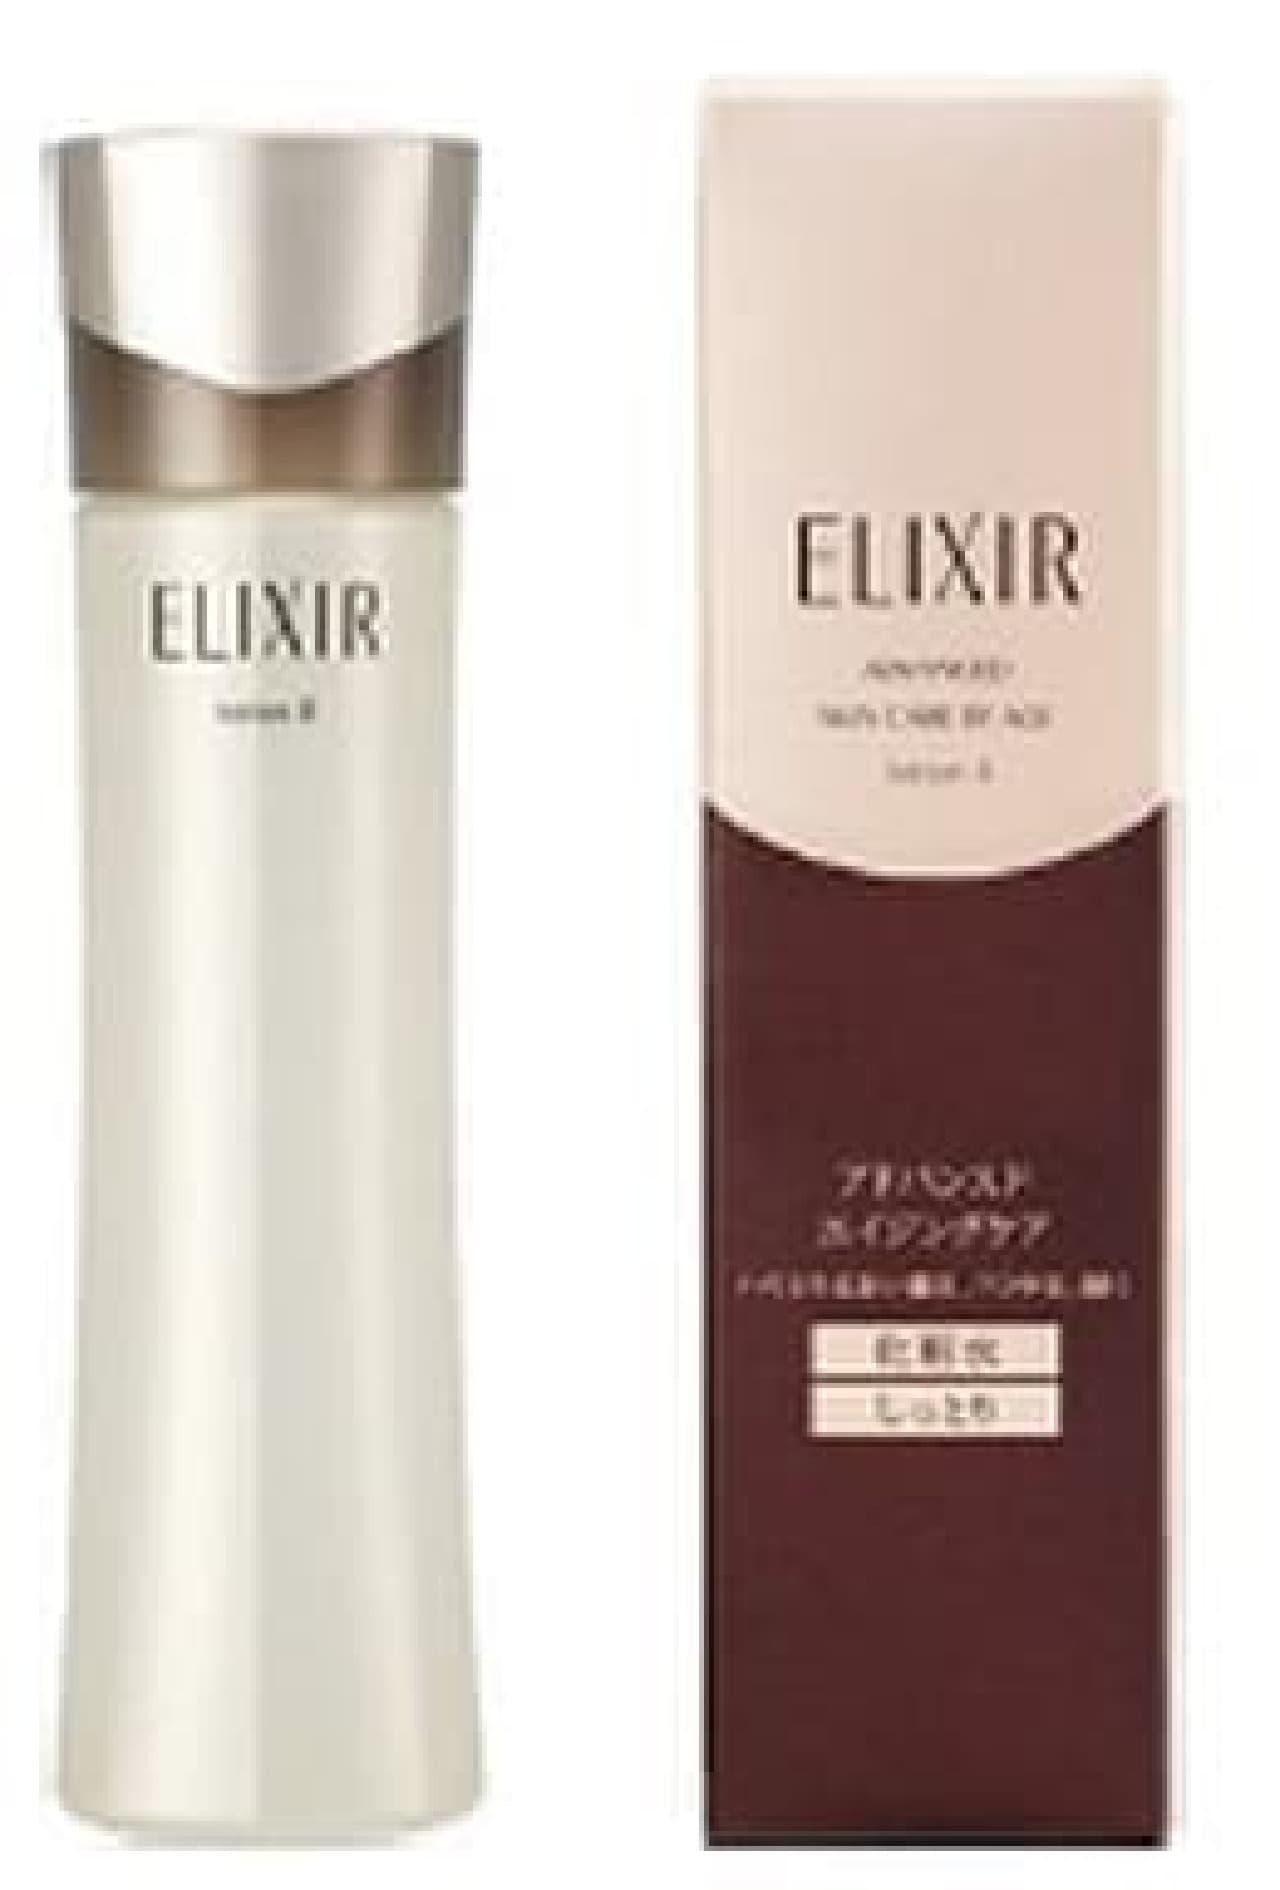 「エリクシール アドバンスド エイジングケア」の化粧水